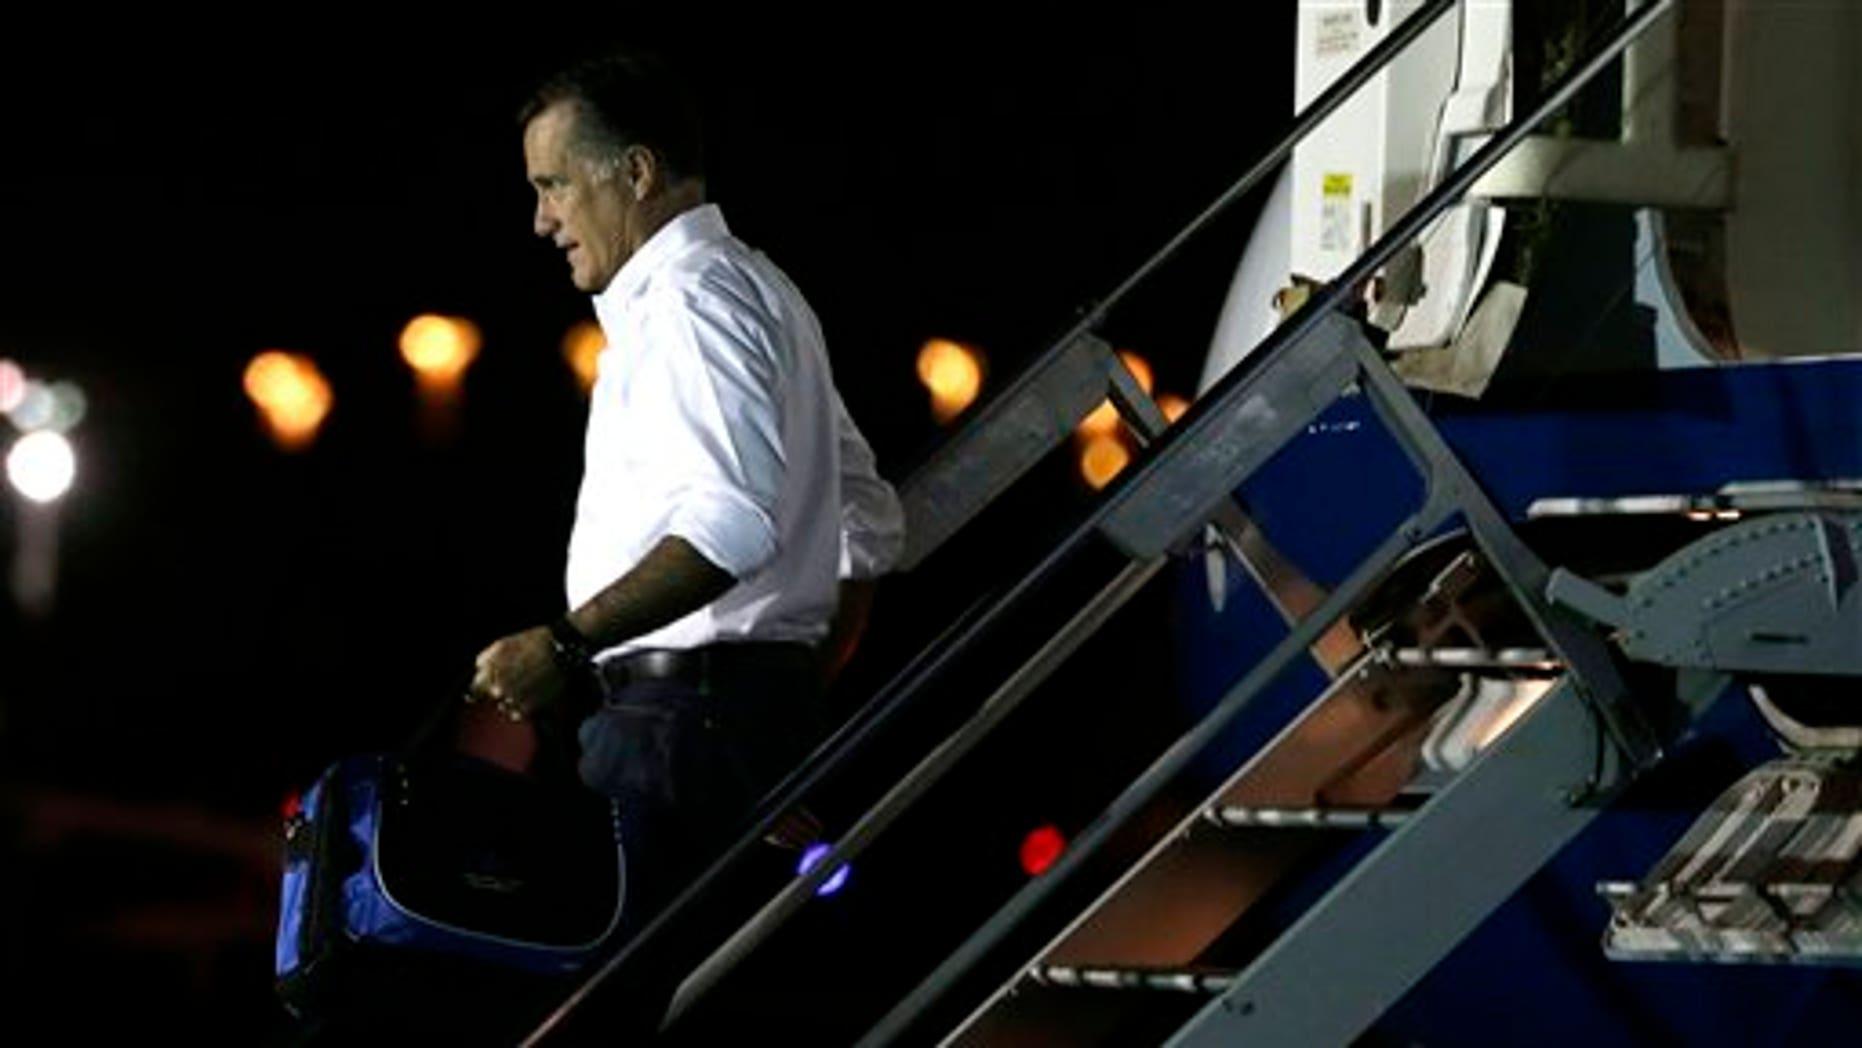 Sept. 11, 2012: Republican presidential candidate and former Massachusetts Gov. Mitt Romney arrives in Jacksonville, Fla.